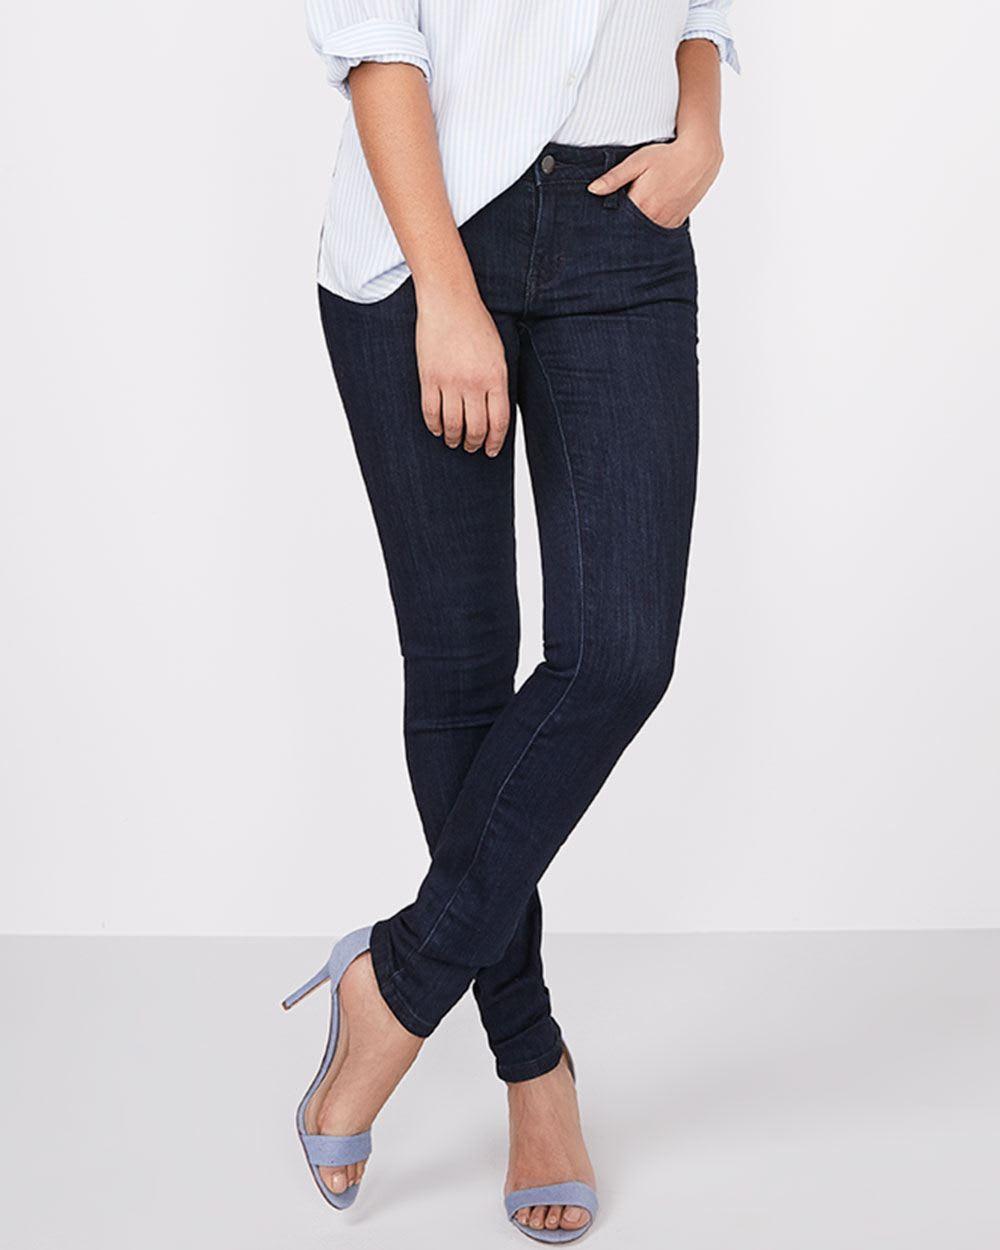 Premium Stretch Skinny jeans | RW&CO.